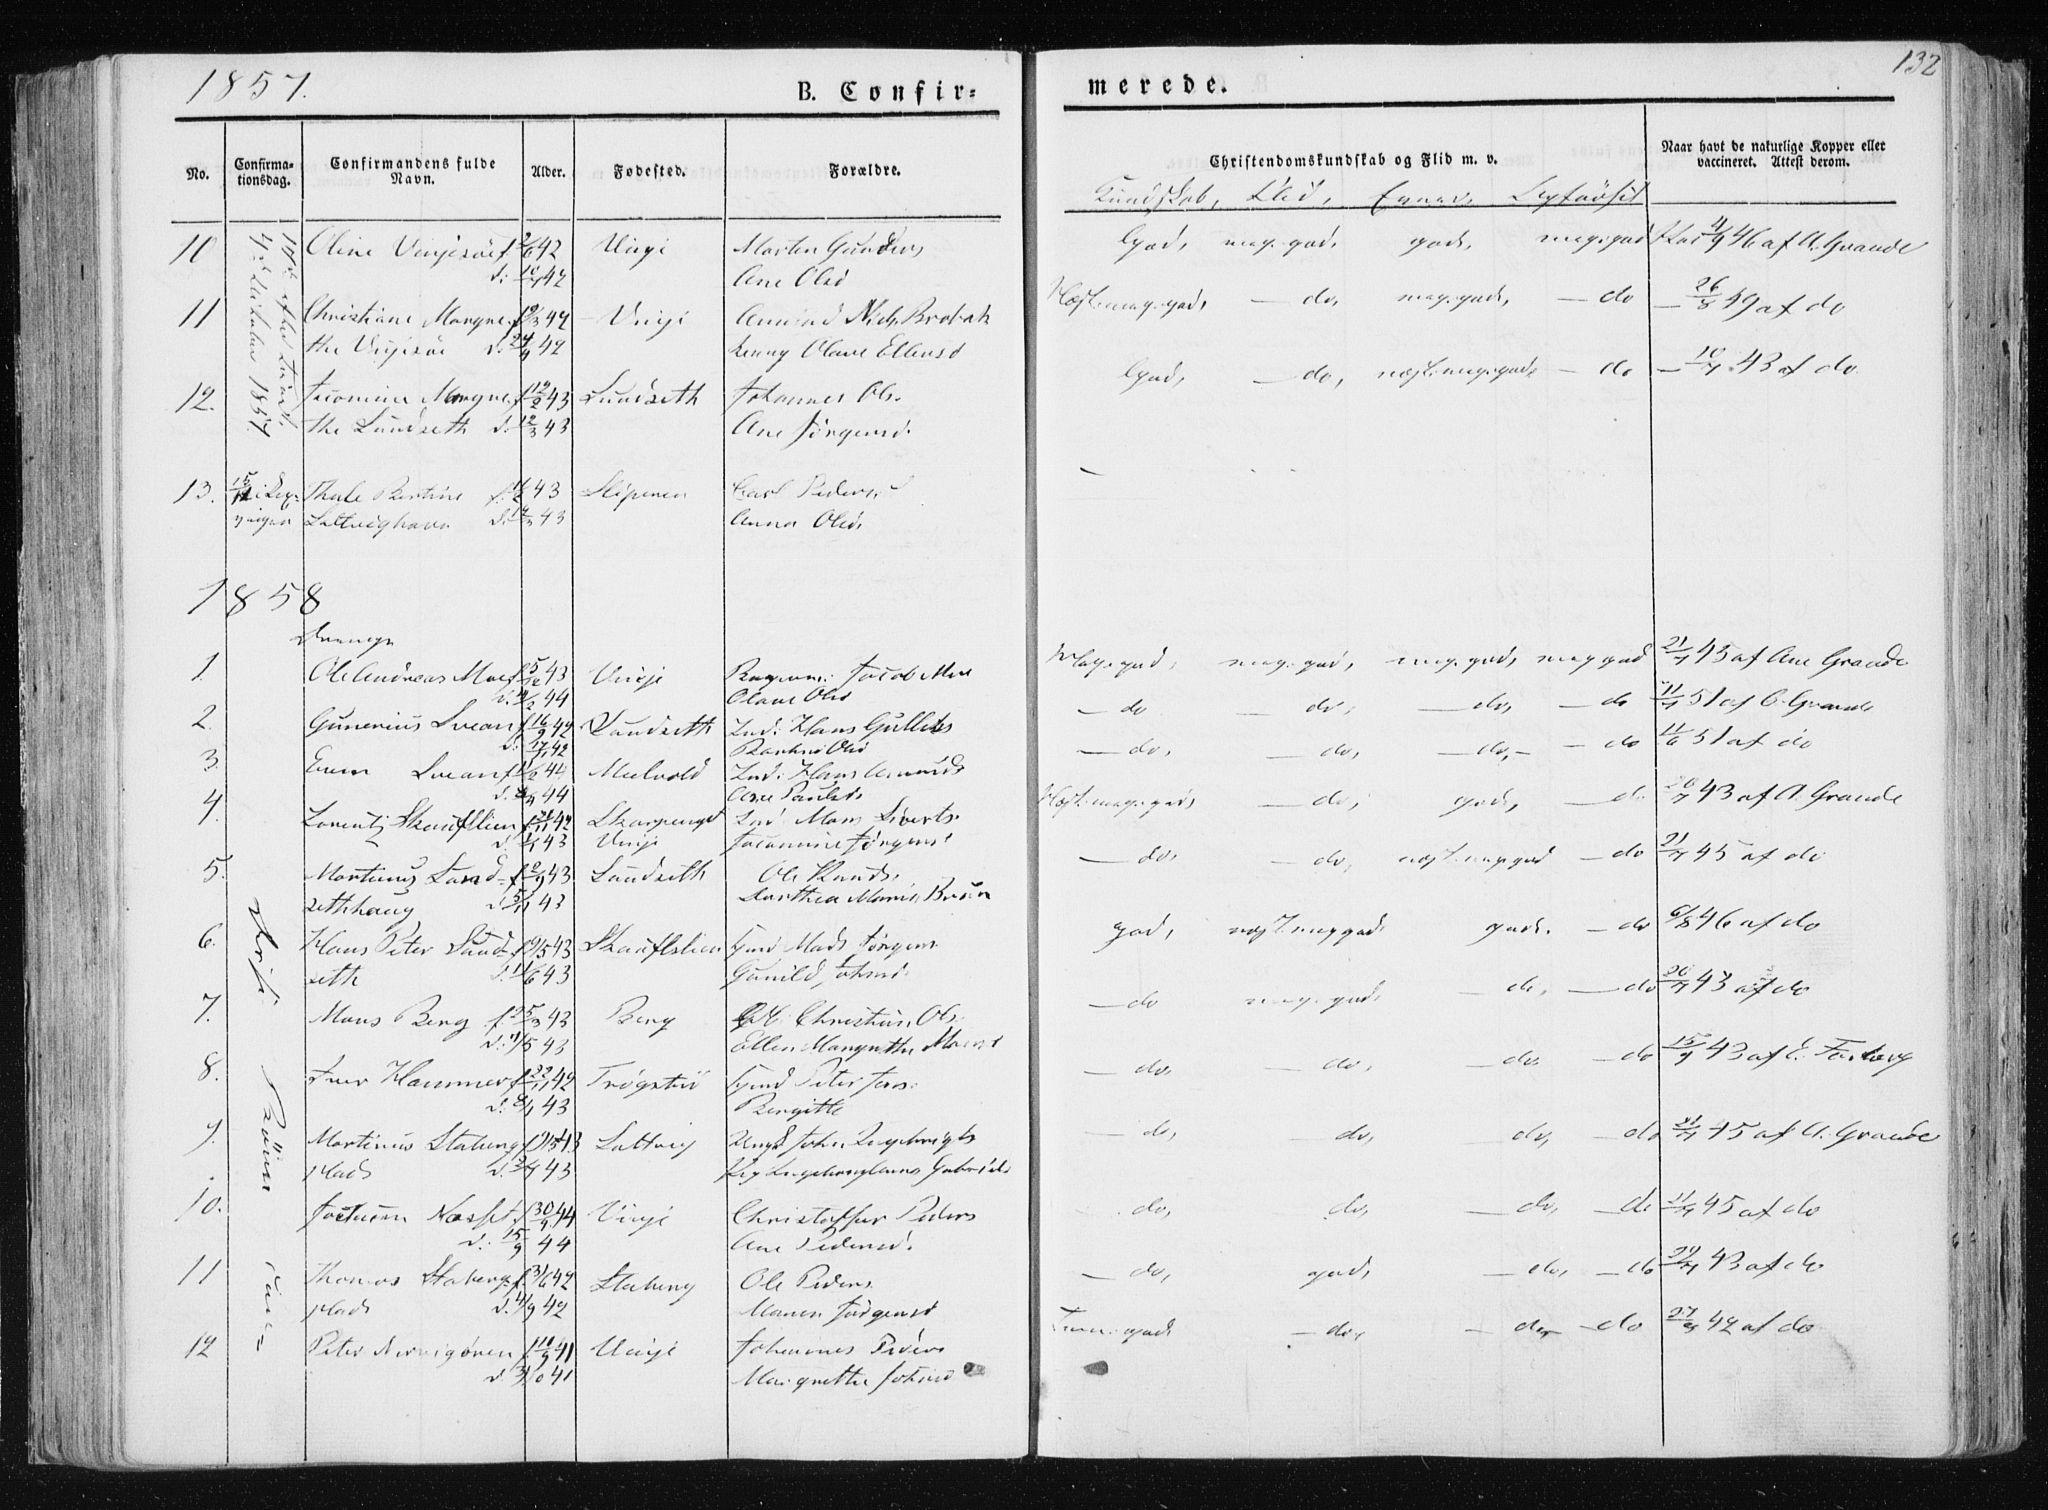 SAT, Ministerialprotokoller, klokkerbøker og fødselsregistre - Nord-Trøndelag, 733/L0323: Ministerialbok nr. 733A02, 1843-1870, s. 132